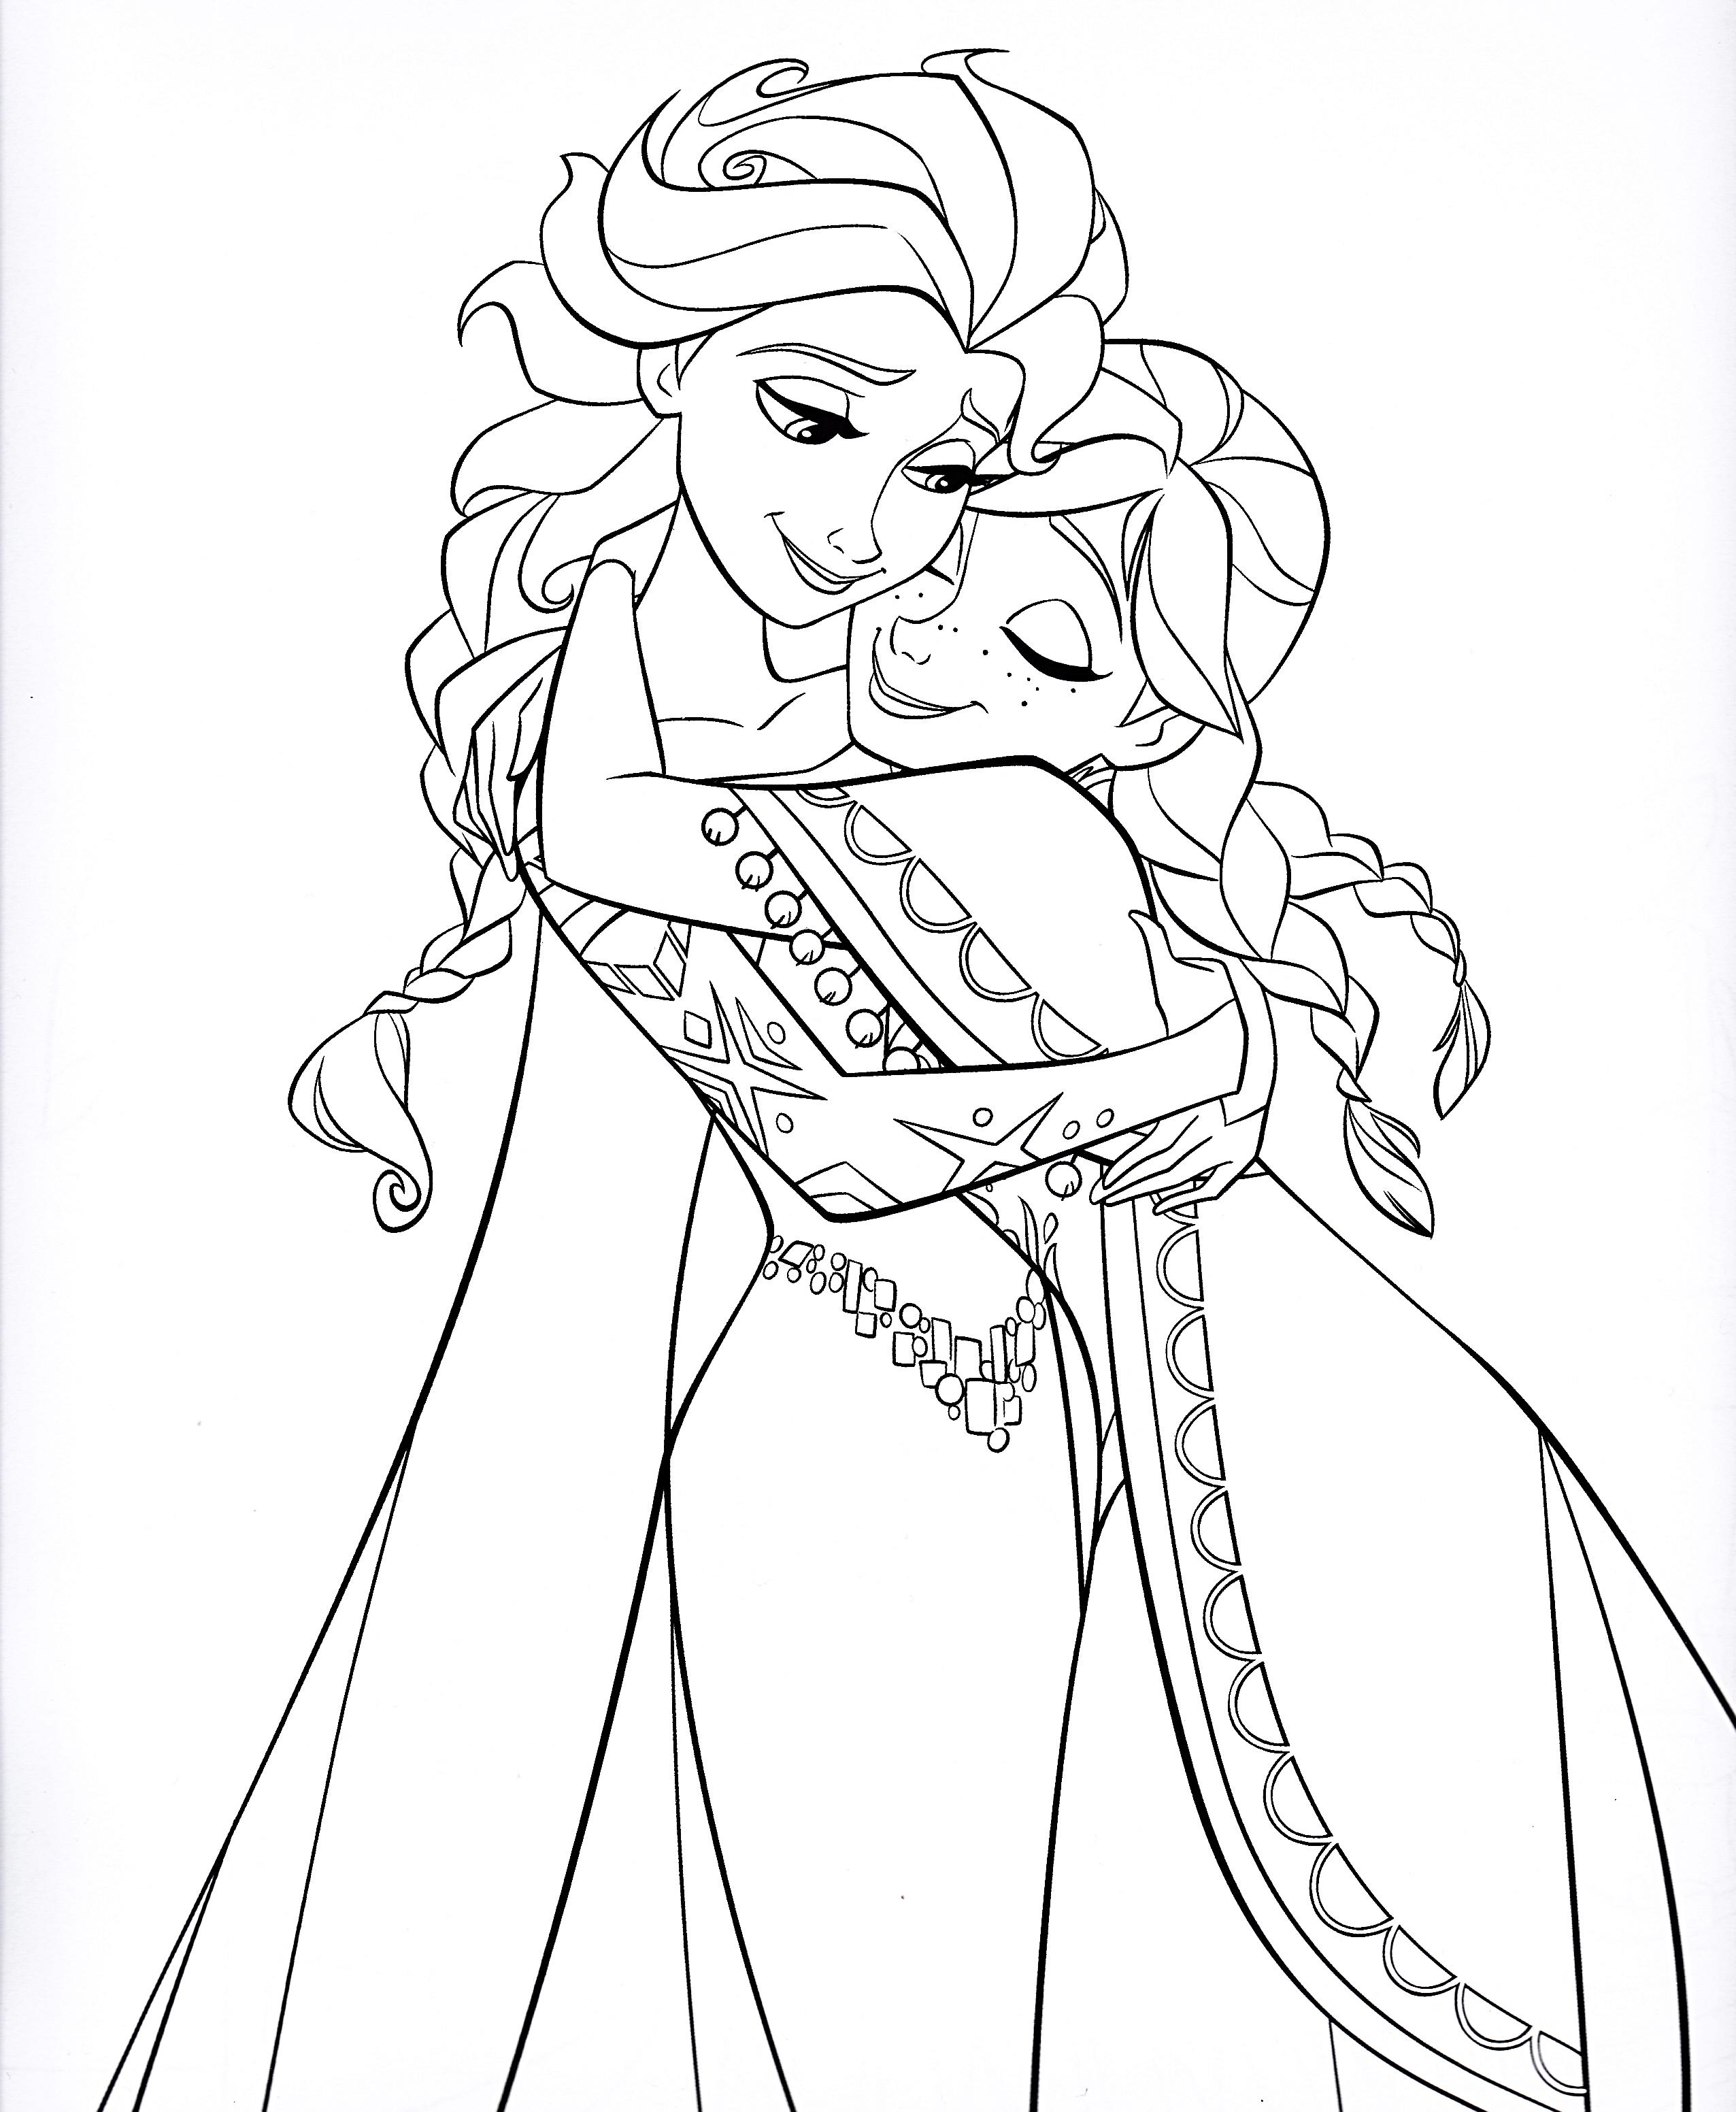 Walt-Disney-Coloring-Pages-Queen-Elsa-Princess-Anna-walt